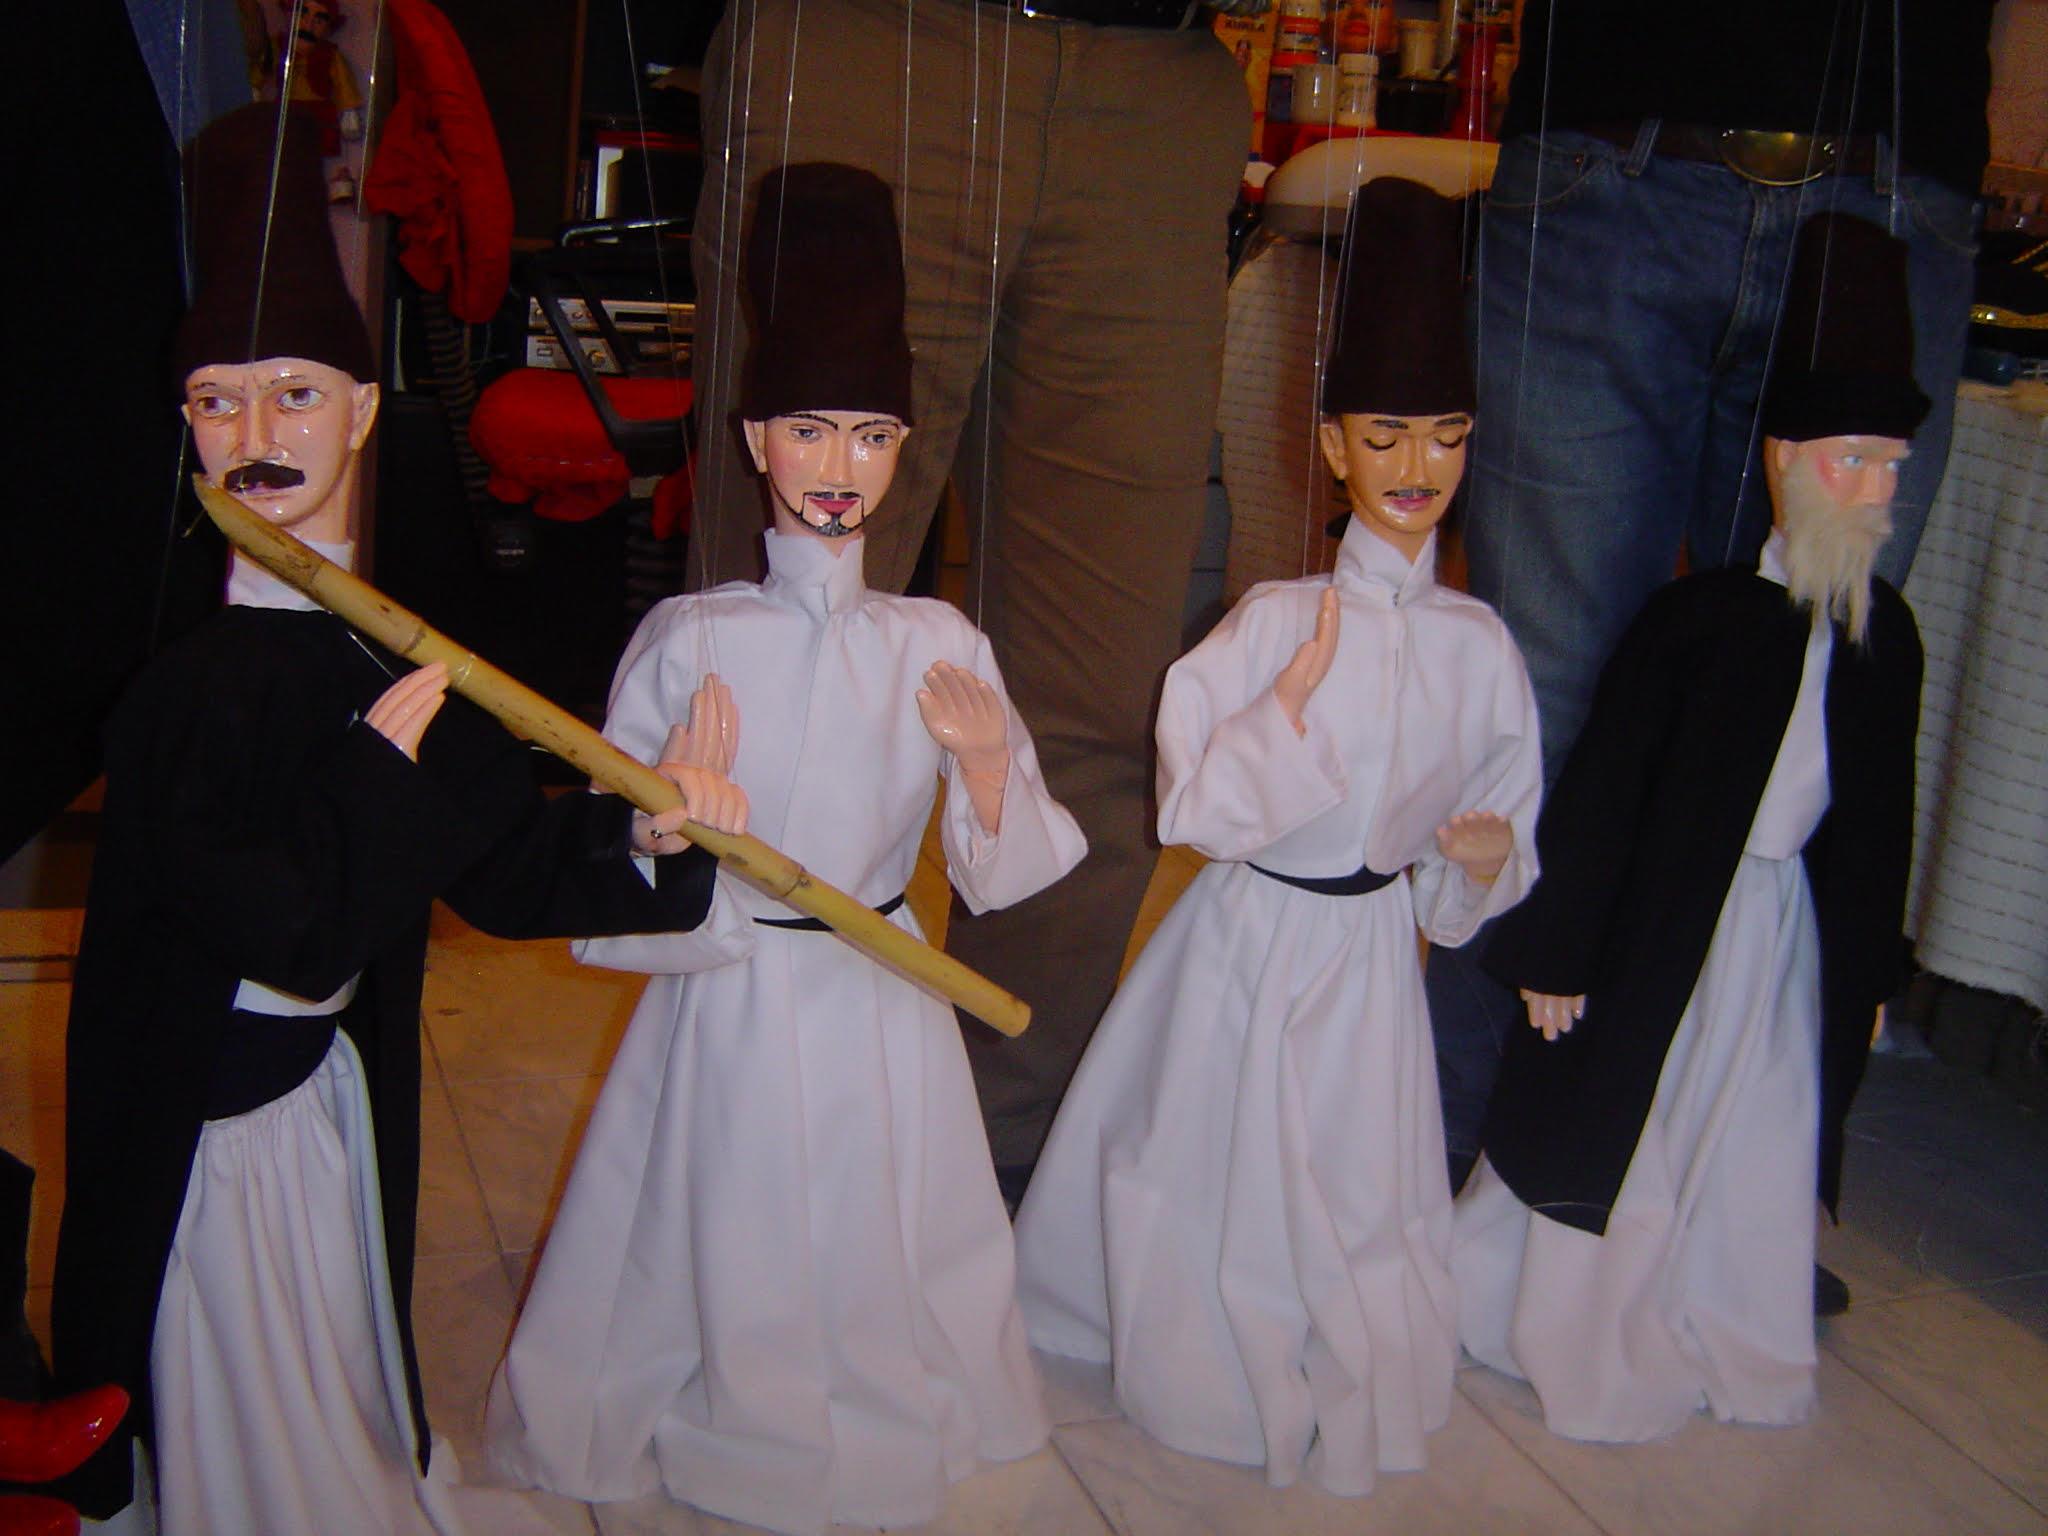 Deux derviches tourneurs et deux musiciens soufis, marionnettes à fils de Vural Arisoy. Photo réproduite avec l'aimable autorisation de UNIMA Turkey (UNIMA Turkiye)